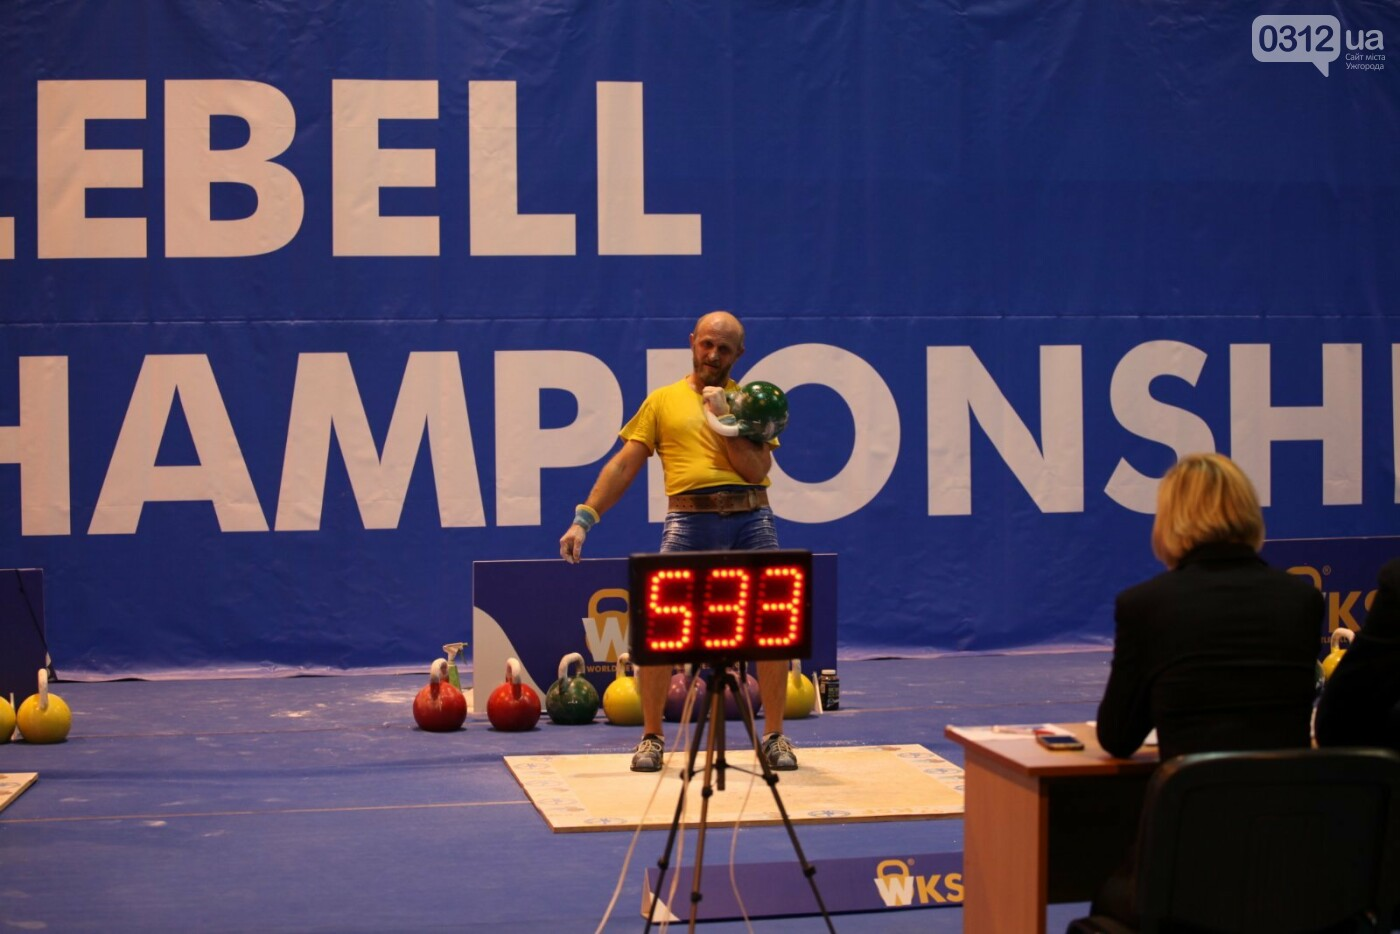 Троє закарпатців вибороли золото на Чемпіонаті Європи з гирьового спорту (ФОТО), фото-4